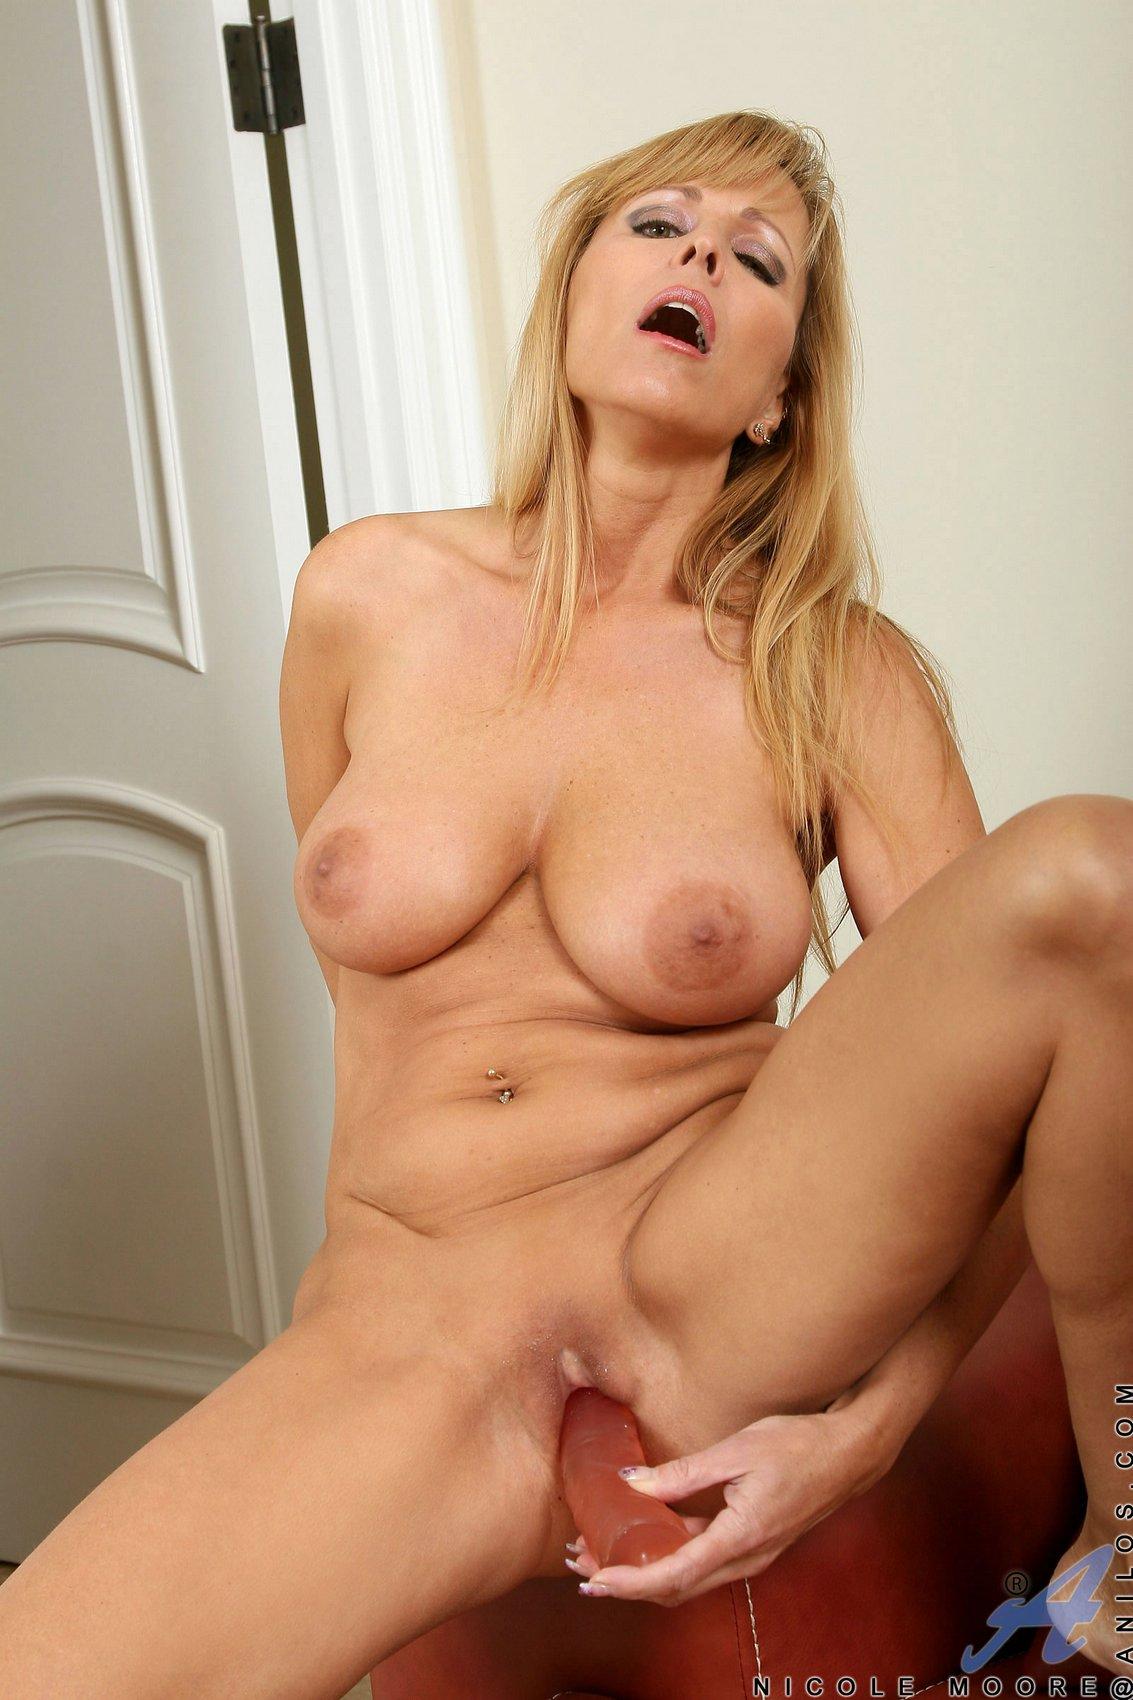 Anilos nicole moore nude lady nude gallery